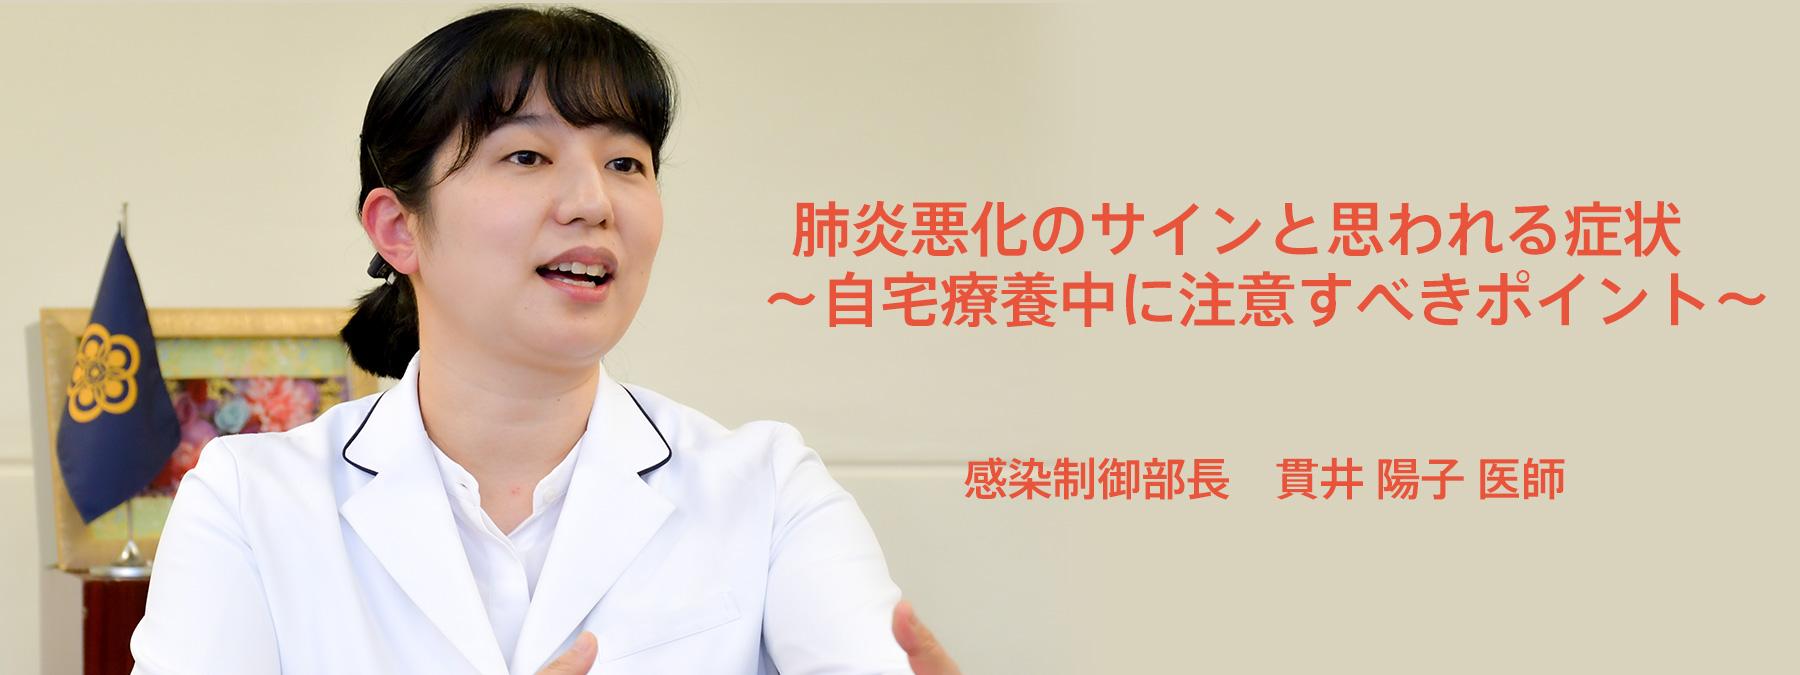 大学 獨協 コロナ 病院 医科 越谷